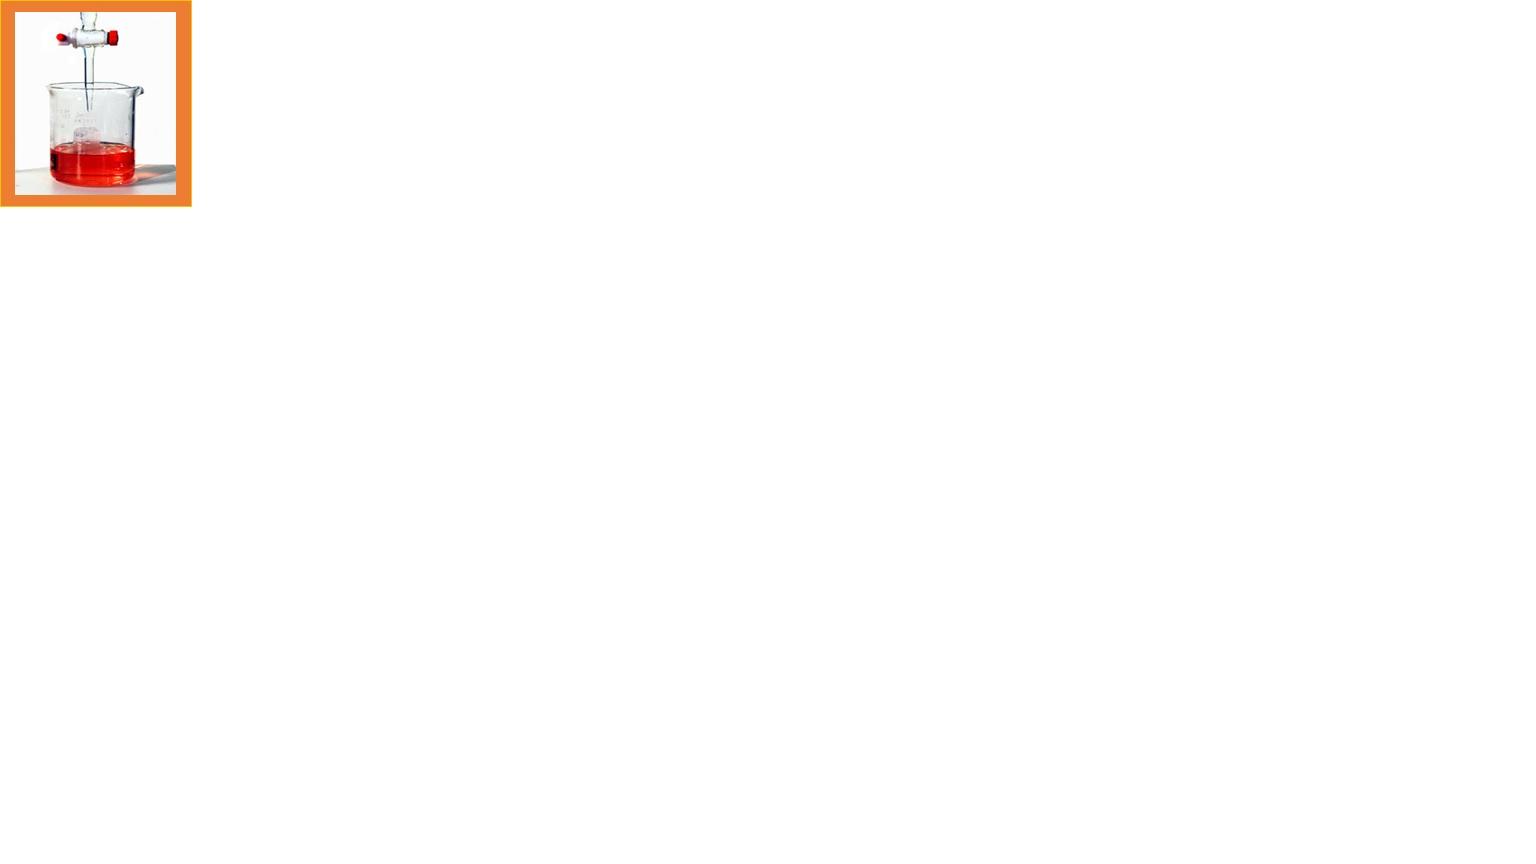 -Indikatorer for volumetriske titreringer